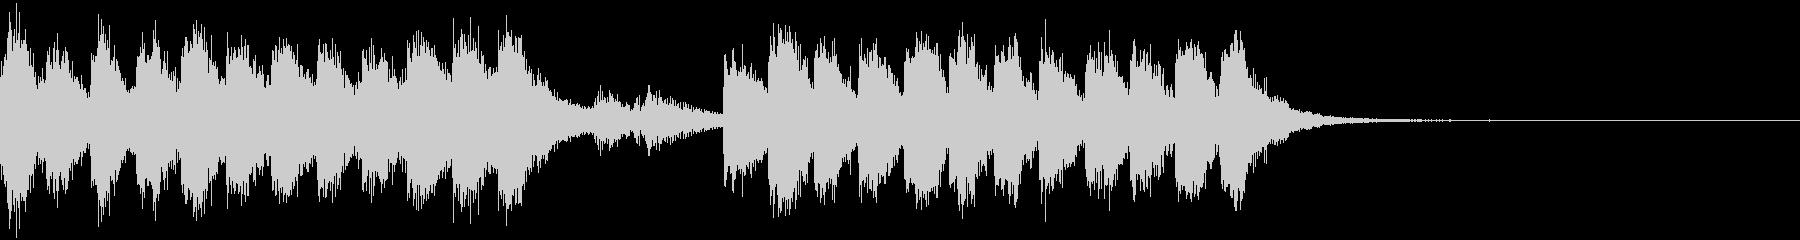 管弦楽によるコミカルなジングルの未再生の波形